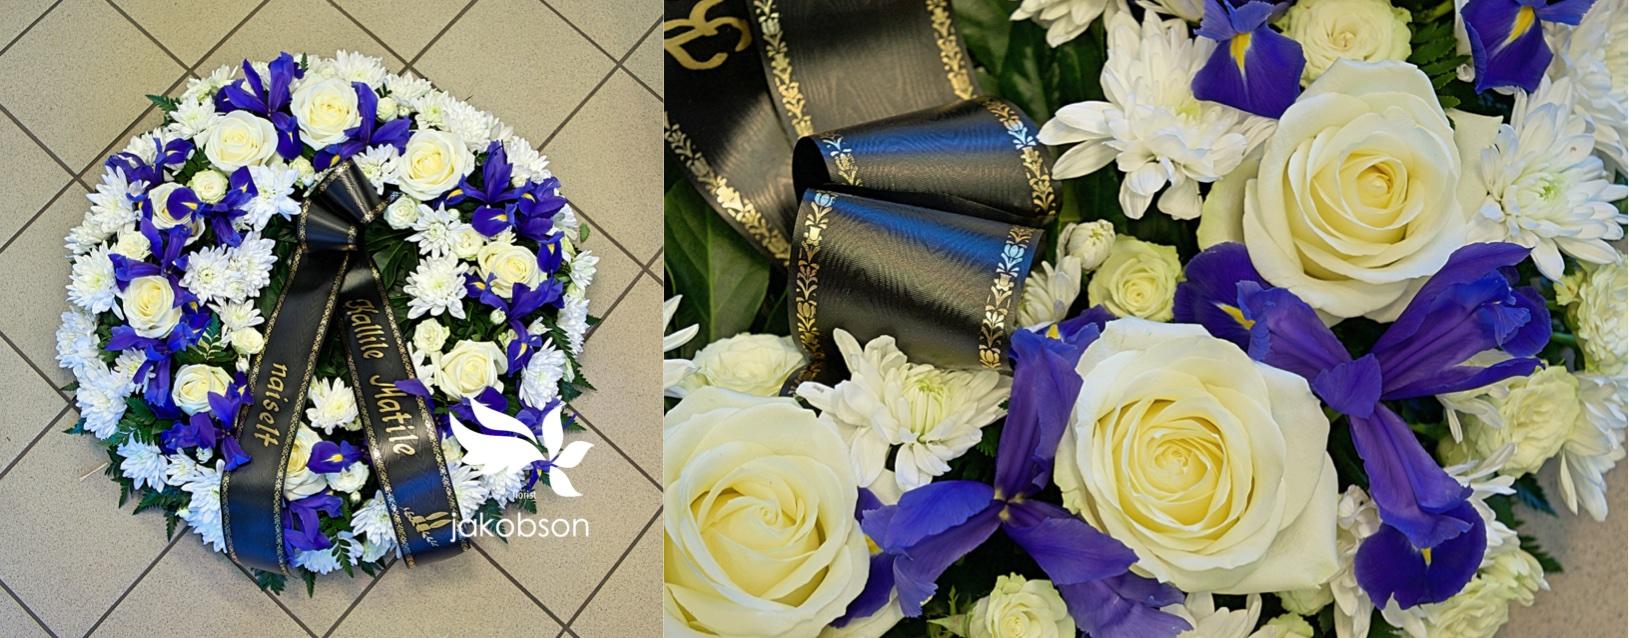 Похоронный венок - Полный цветов венок.